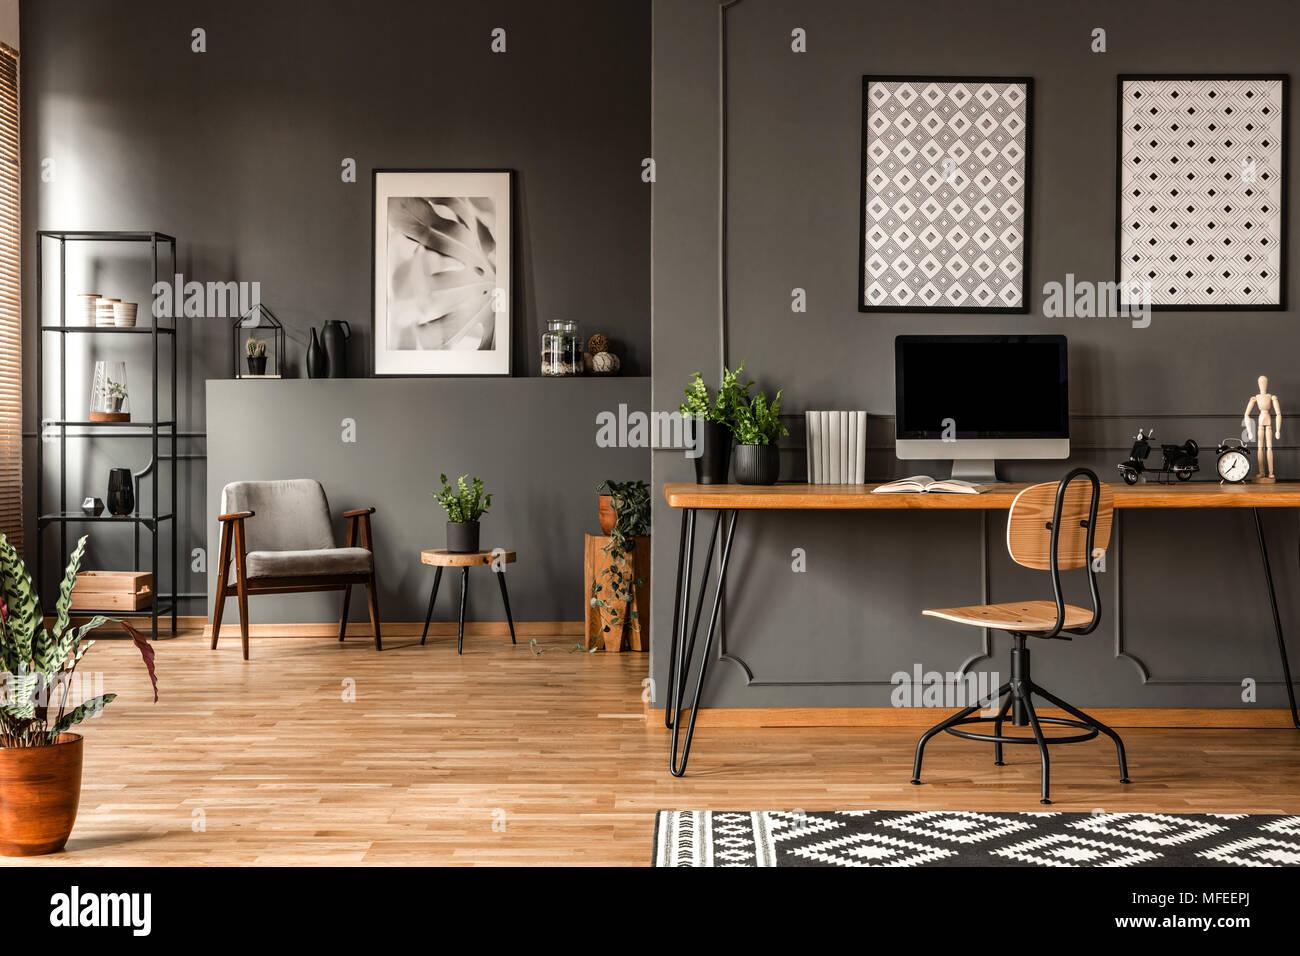 Des affiches à motifs au-dessus de bureau avec un écran d'ordinateur en gris avec des plantes de l'intérieur du home office Photo Stock